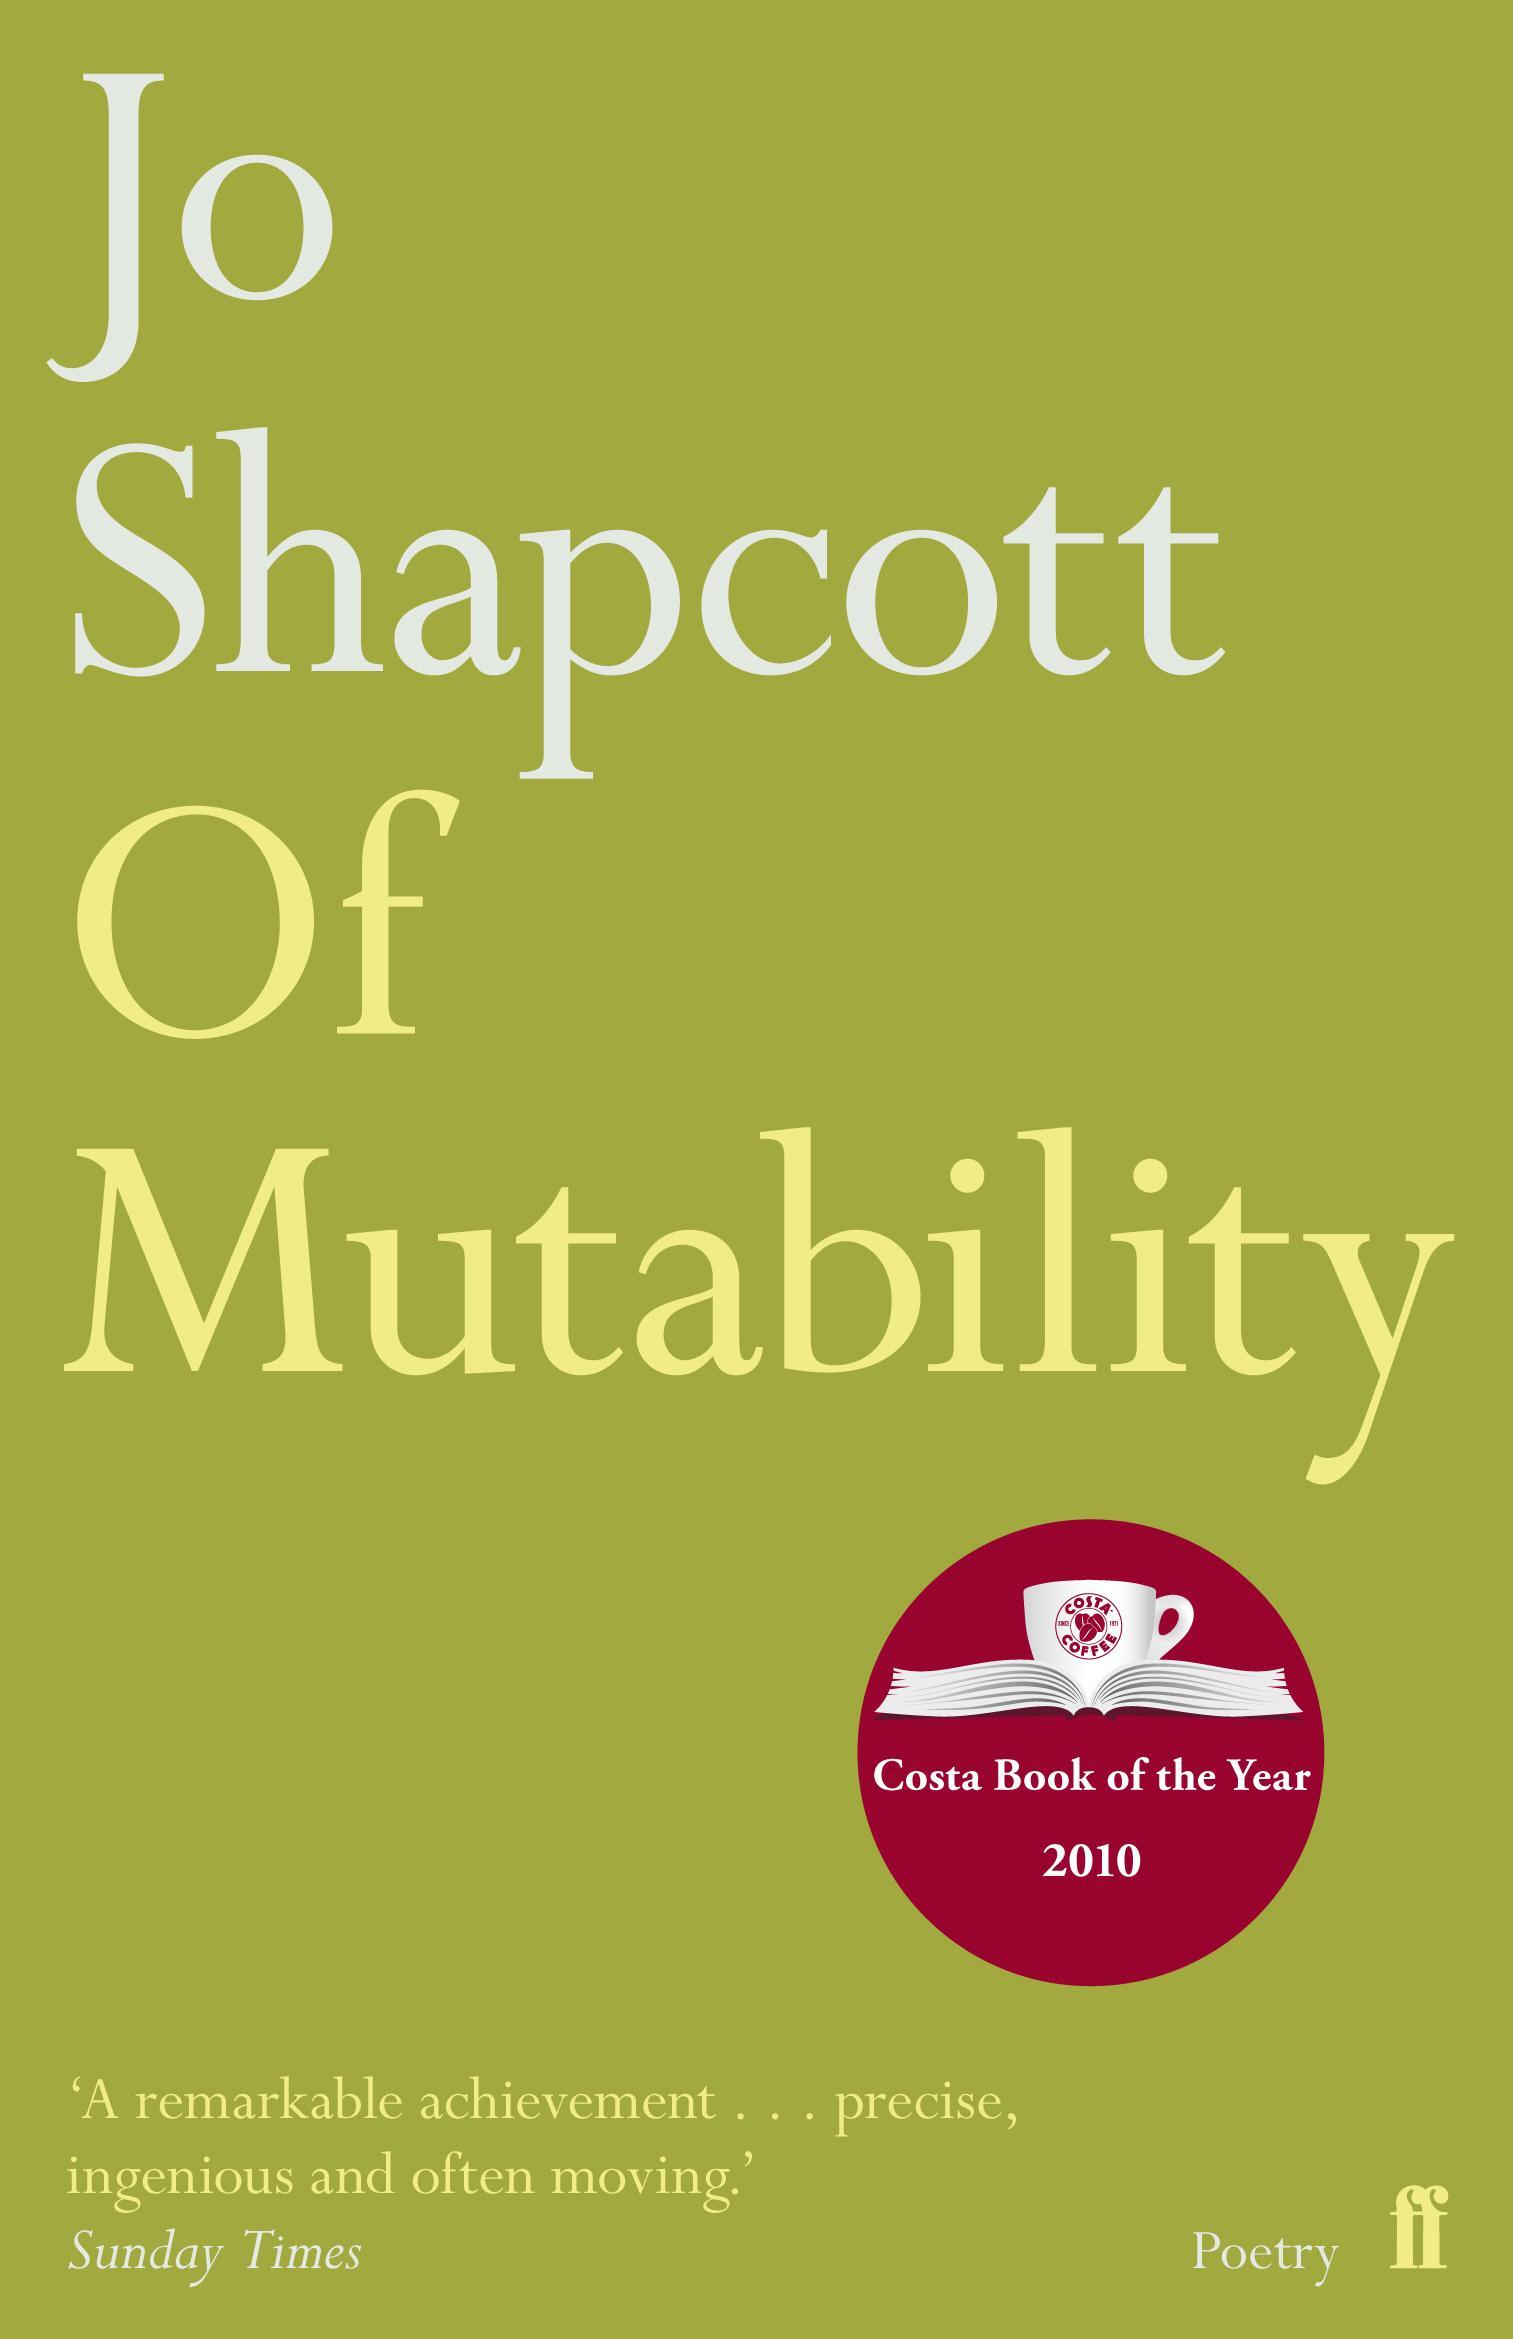 OfMutability